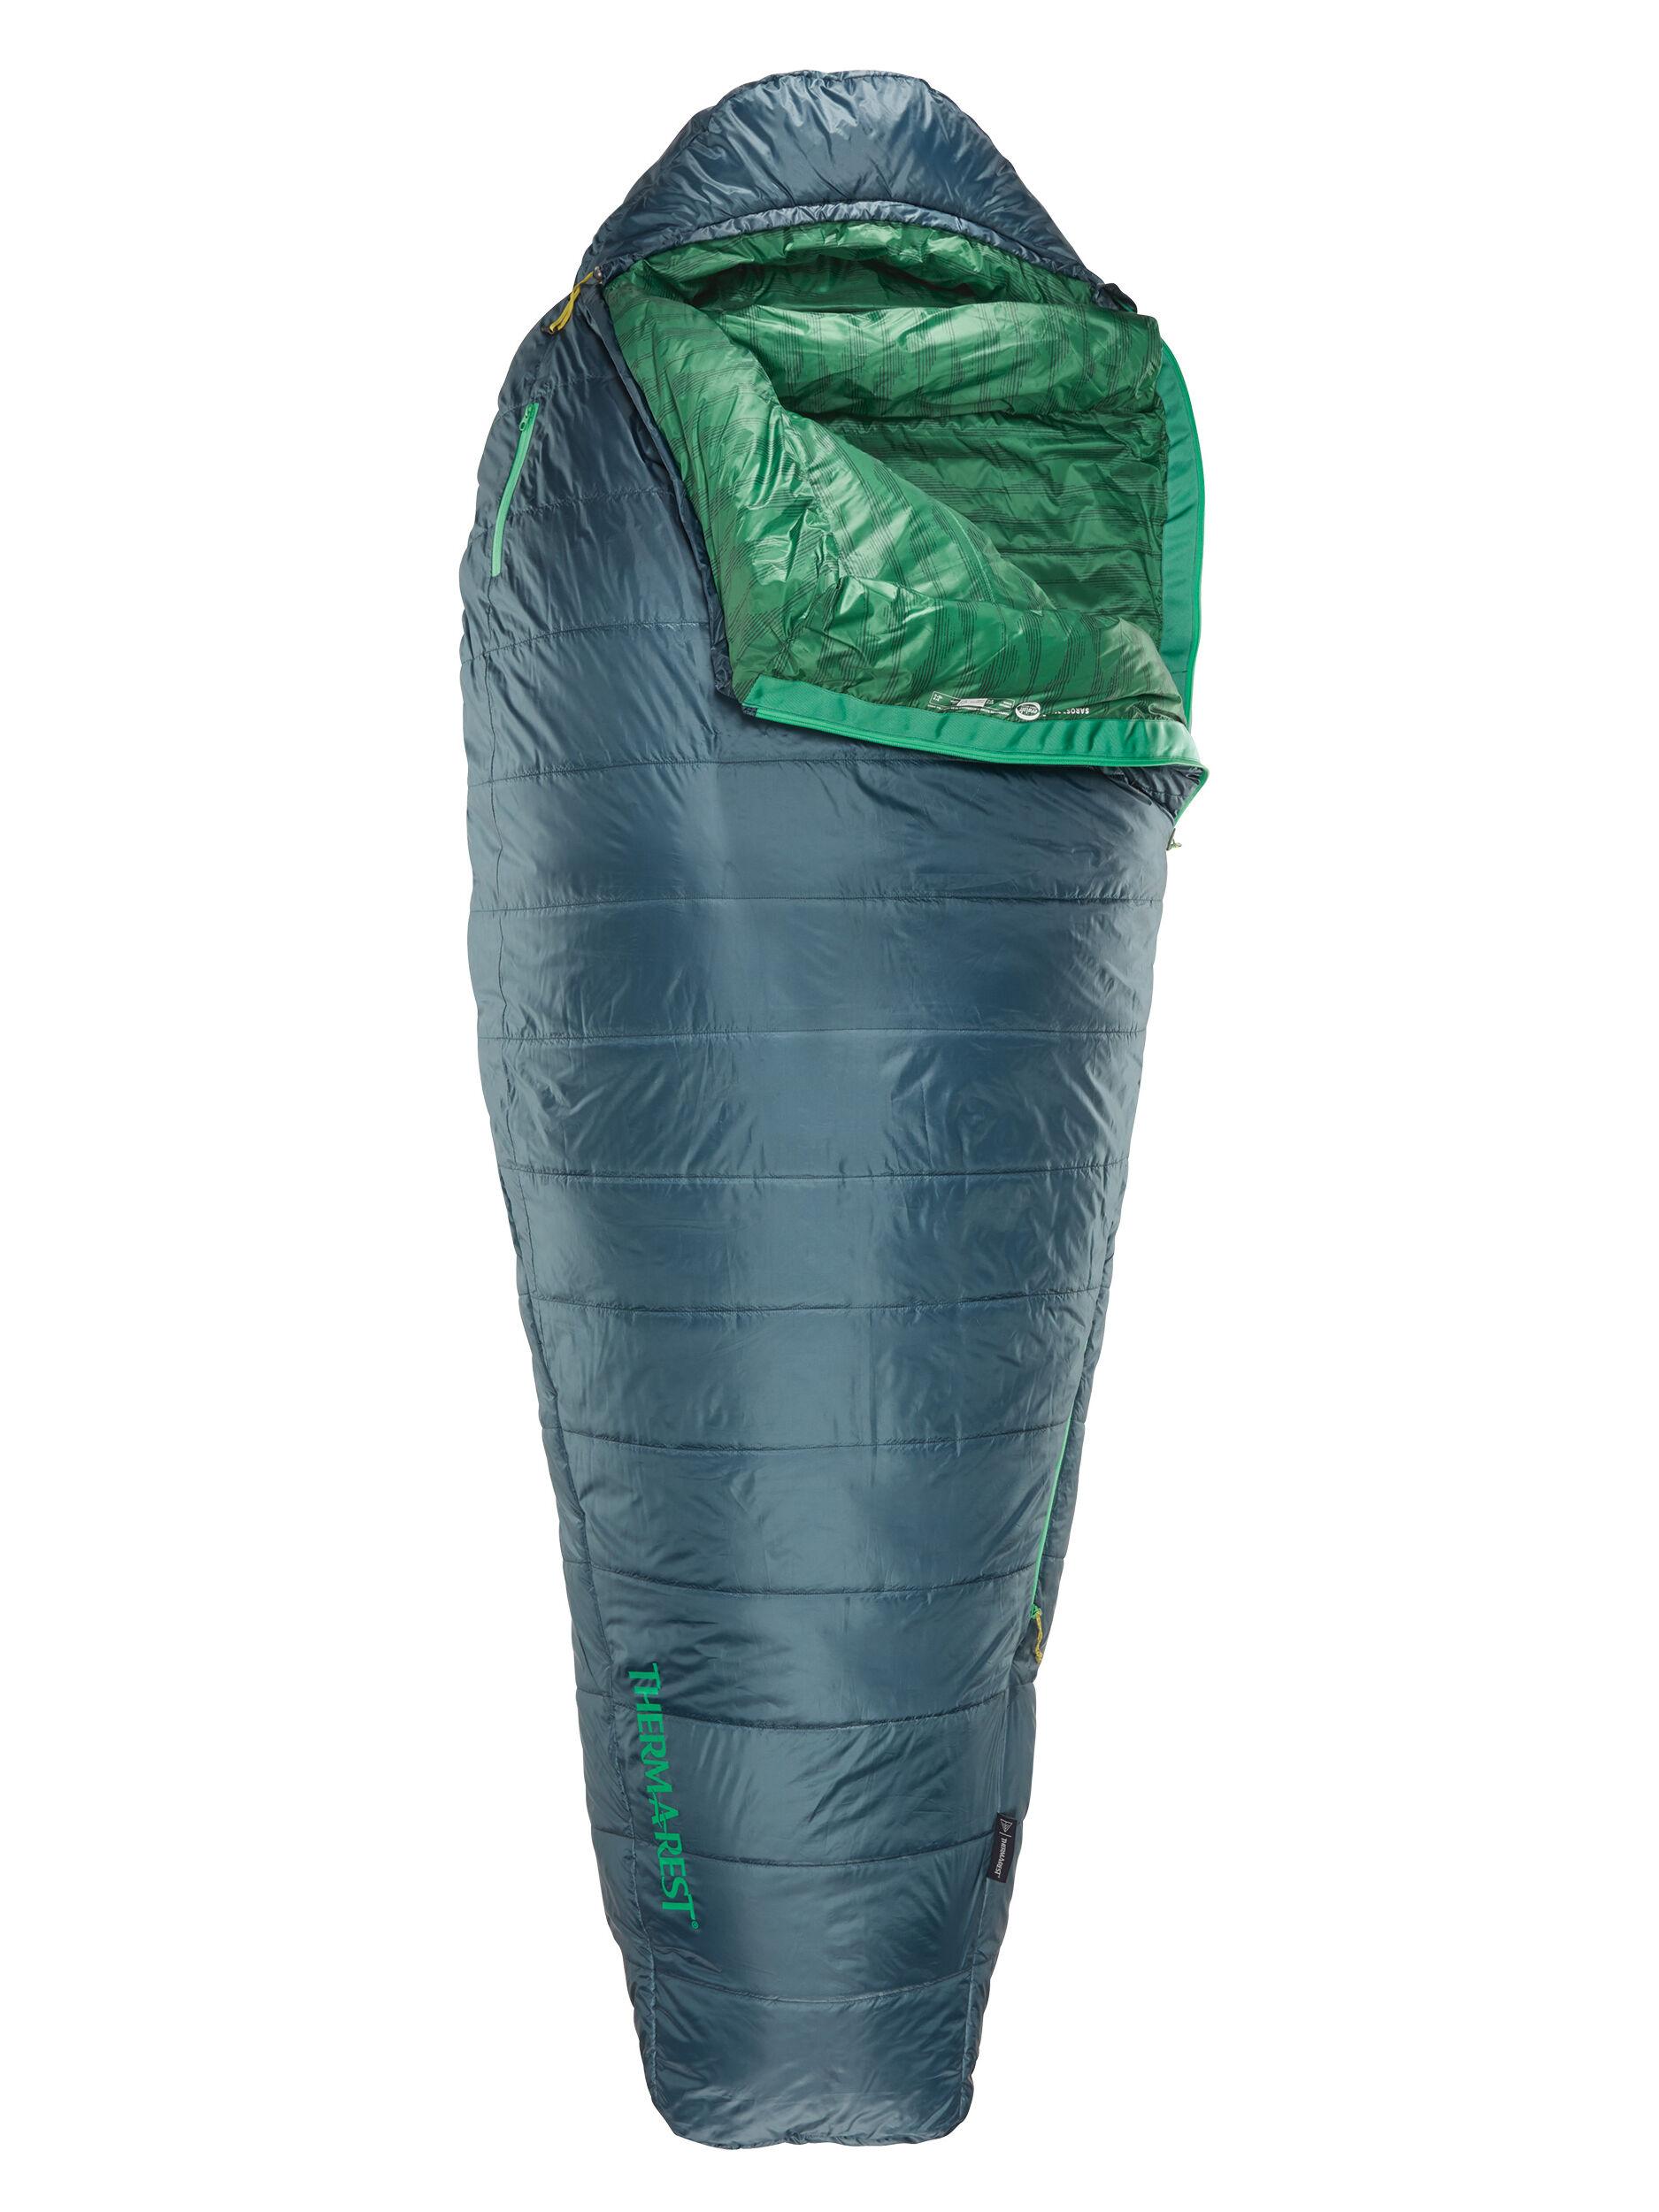 Achat Quest Qu Regular sac de couchage femmes femmes pas